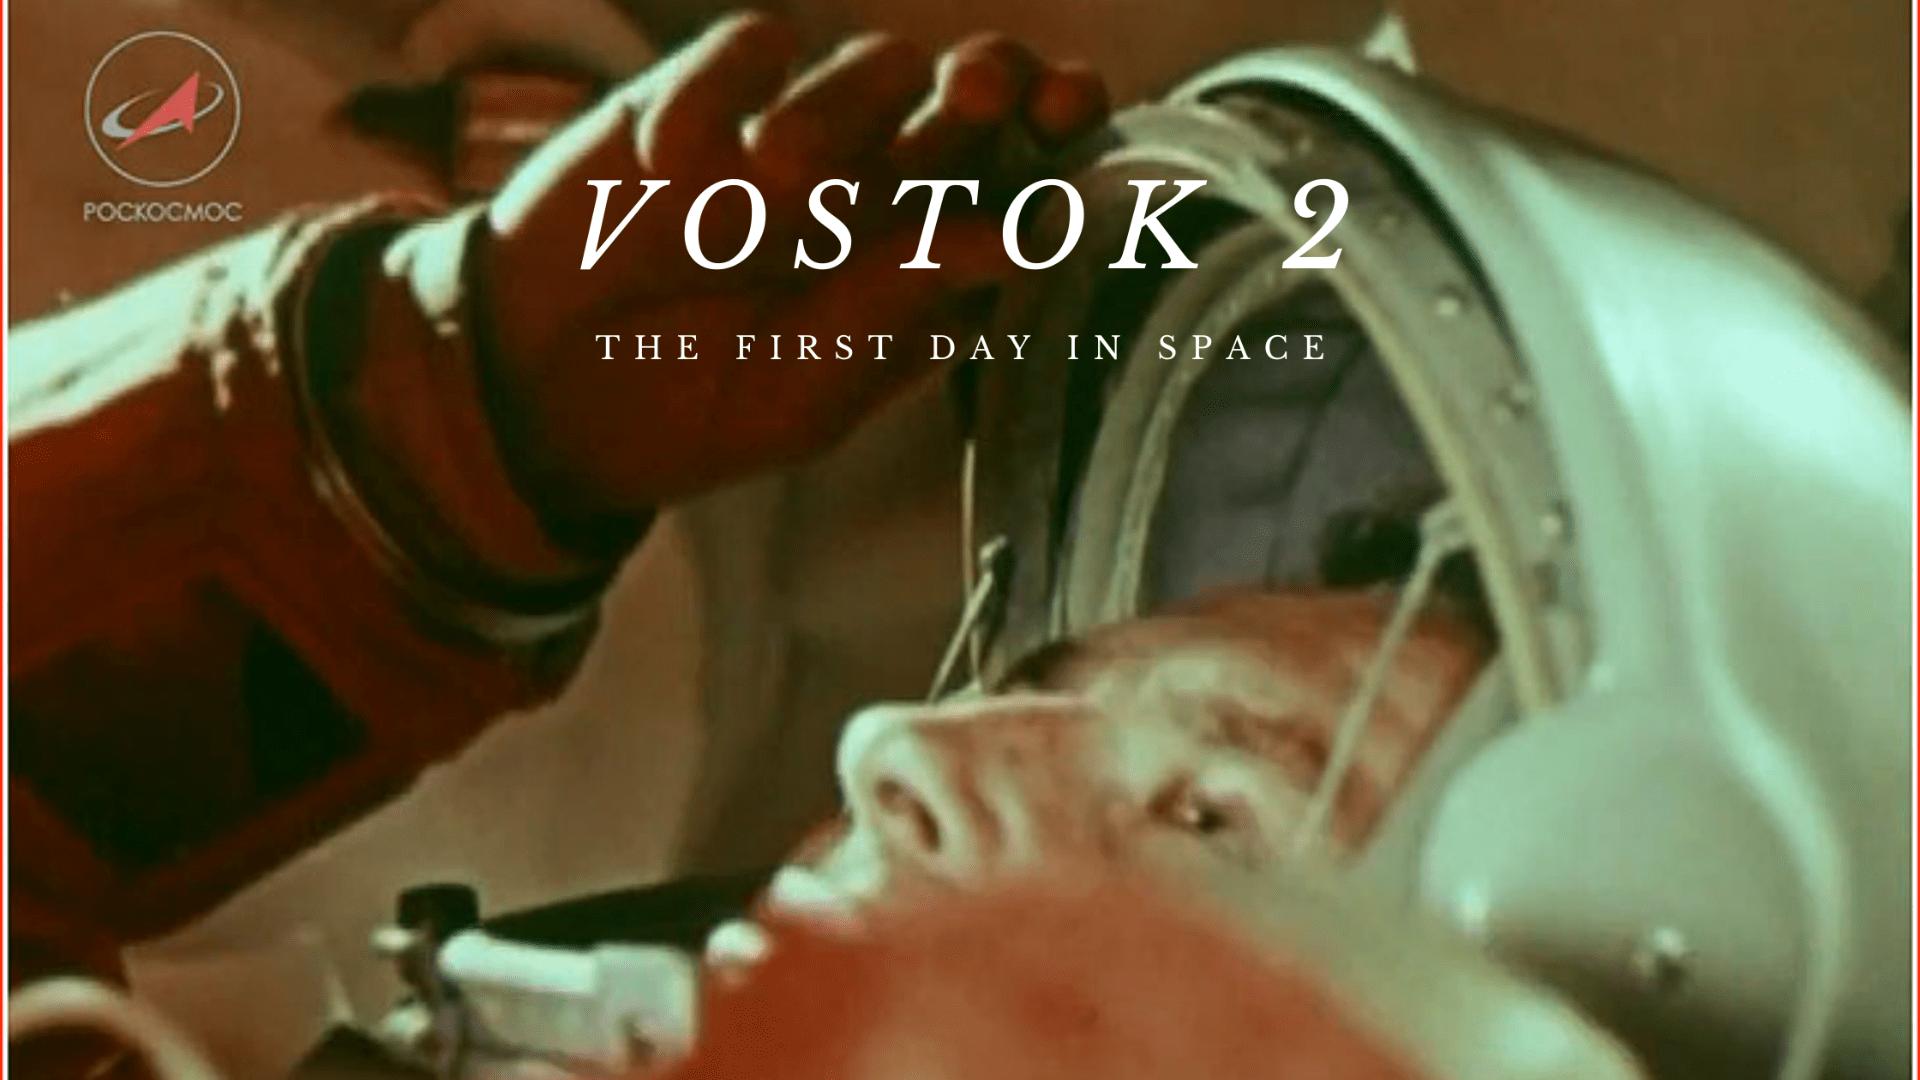 Vostok 2 header